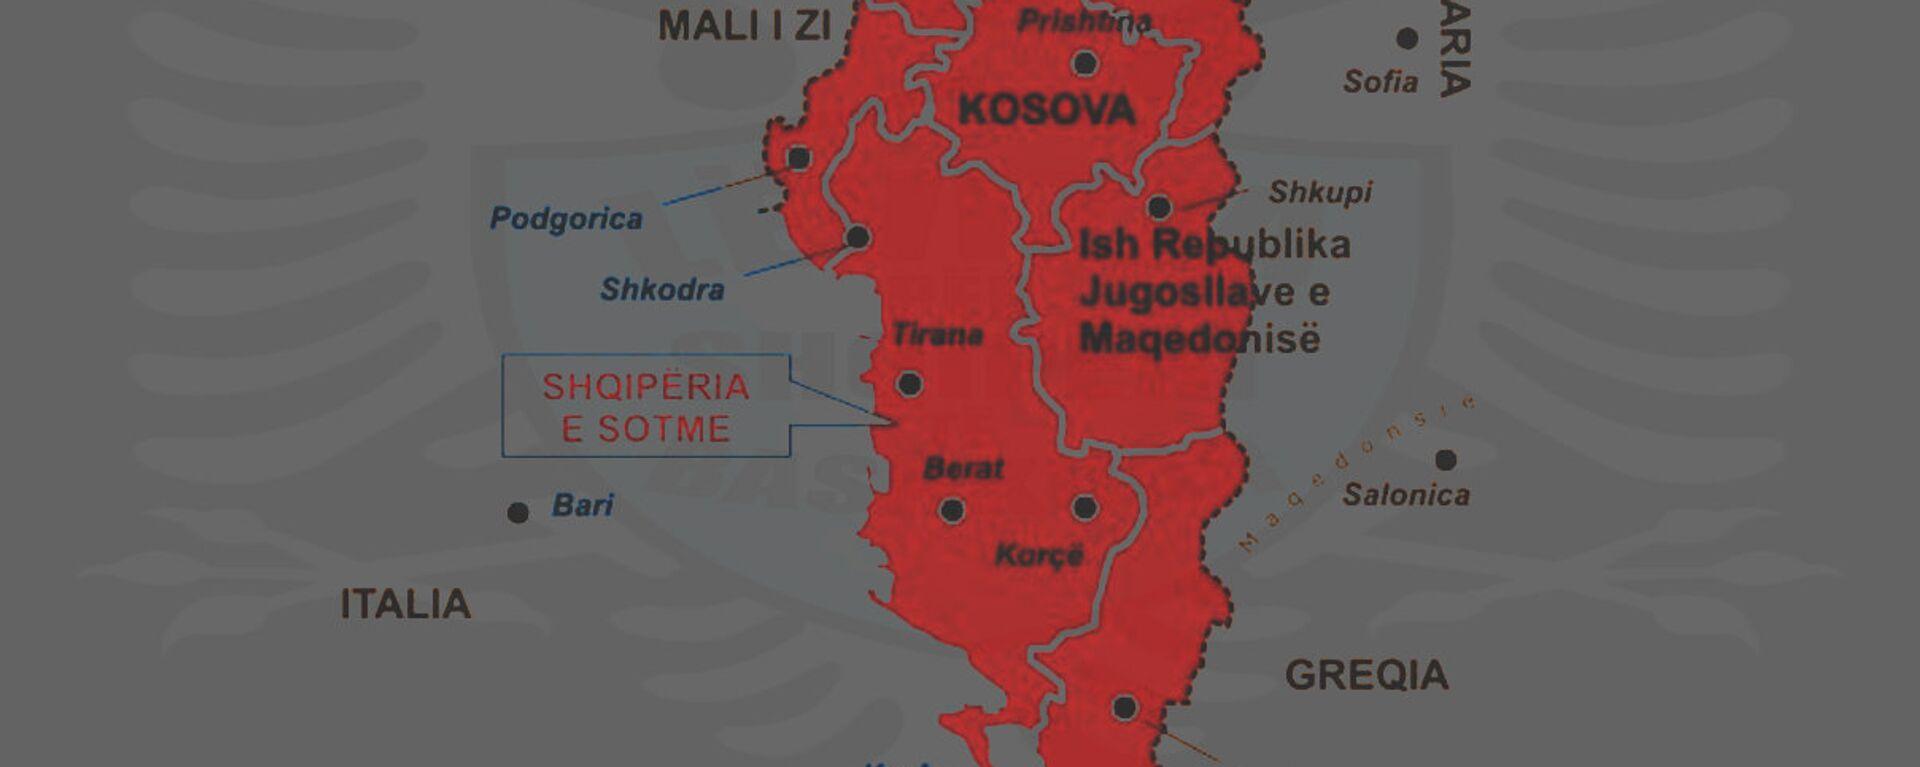 Karta Velike Albanije - Sputnik Srbija, 1920, 11.10.2021